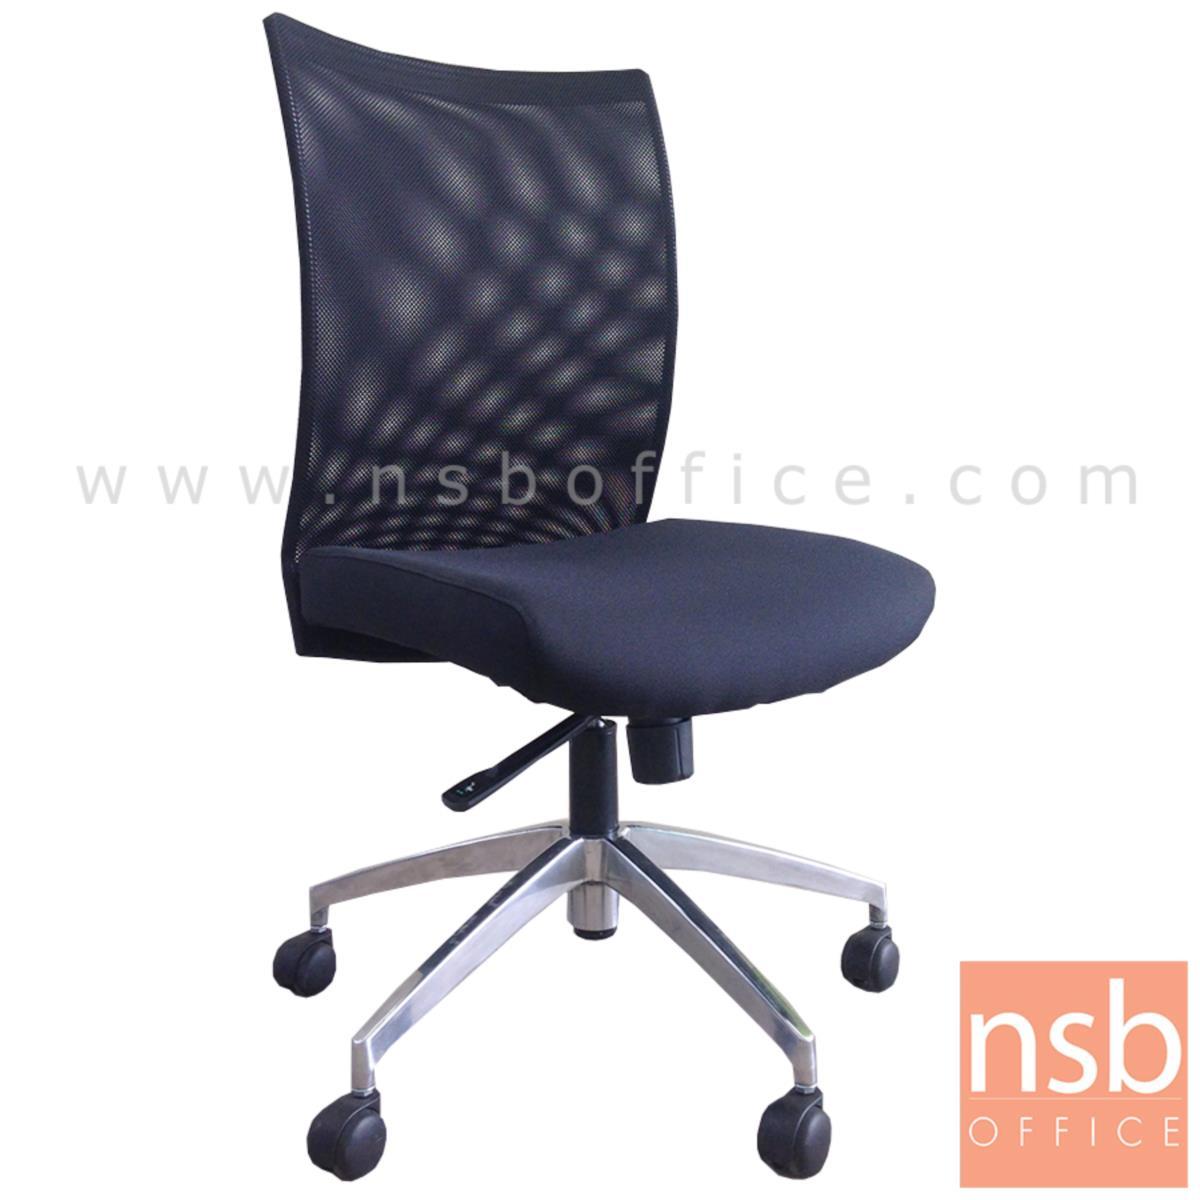 B24A159 :เก้าอี้สำนักงานหลังเน็ต รุ่น Amigo (อามิโก้)  โช๊คแก๊ส มีก้อนโยก ขาอลูมิเนียม